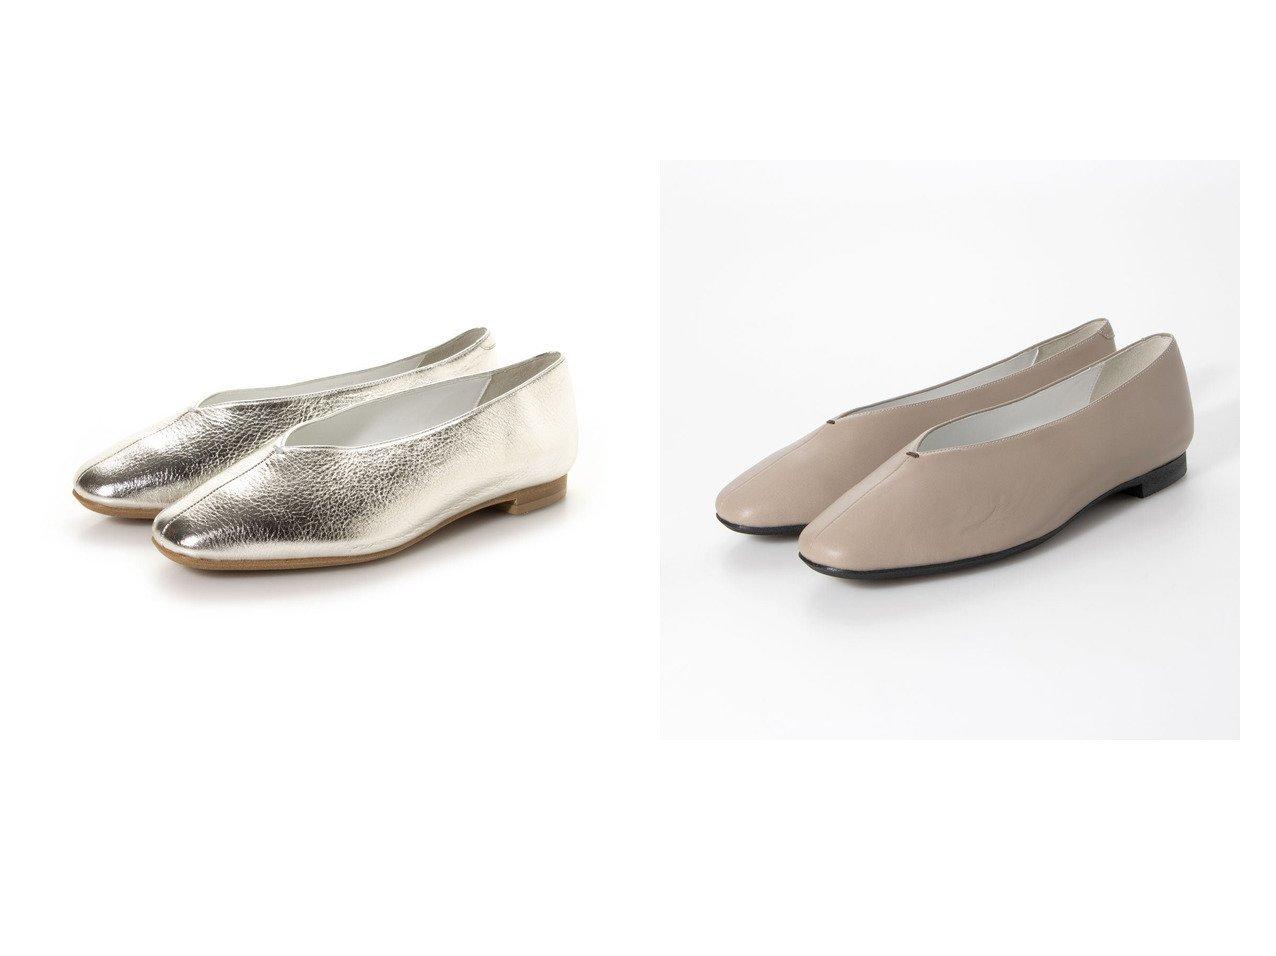 【TALANTON RELAXING/タラントン リラクシング】のスクエアトゥVカットフラットシューズ シューズ・靴のおすすめ!人気、トレンド・レディースファッションの通販 おすすめで人気の流行・トレンド、ファッションの通販商品 メンズファッション・キッズファッション・インテリア・家具・レディースファッション・服の通販 founy(ファニー) https://founy.com/ ファッション Fashion レディースファッション WOMEN 2021年 2021 2021 春夏 S/S SS Spring/Summer 2021 S/S 春夏 SS Spring/Summer シューズ トレンド フラット 春 Spring |ID:crp329100000023358